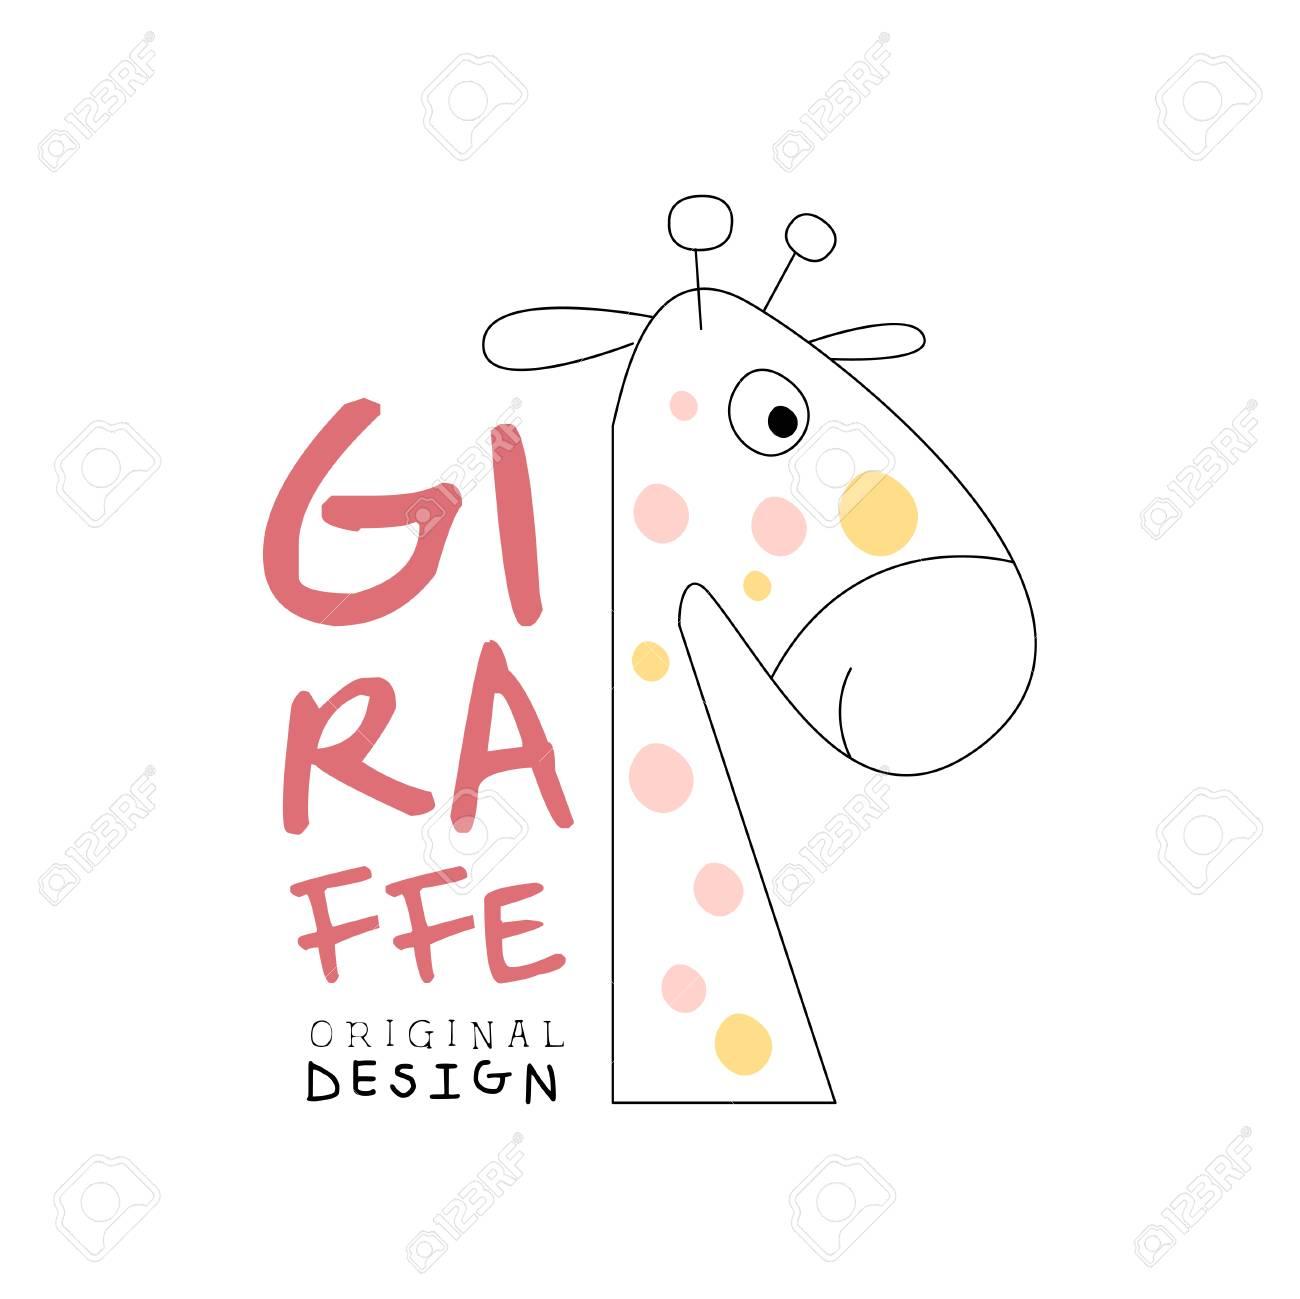 キリンオリジナルデザイン 可愛い動物バッジは手描きベクトルイラスト用のデザインに簡単に編集可能のイラスト素材 ベクタ Image